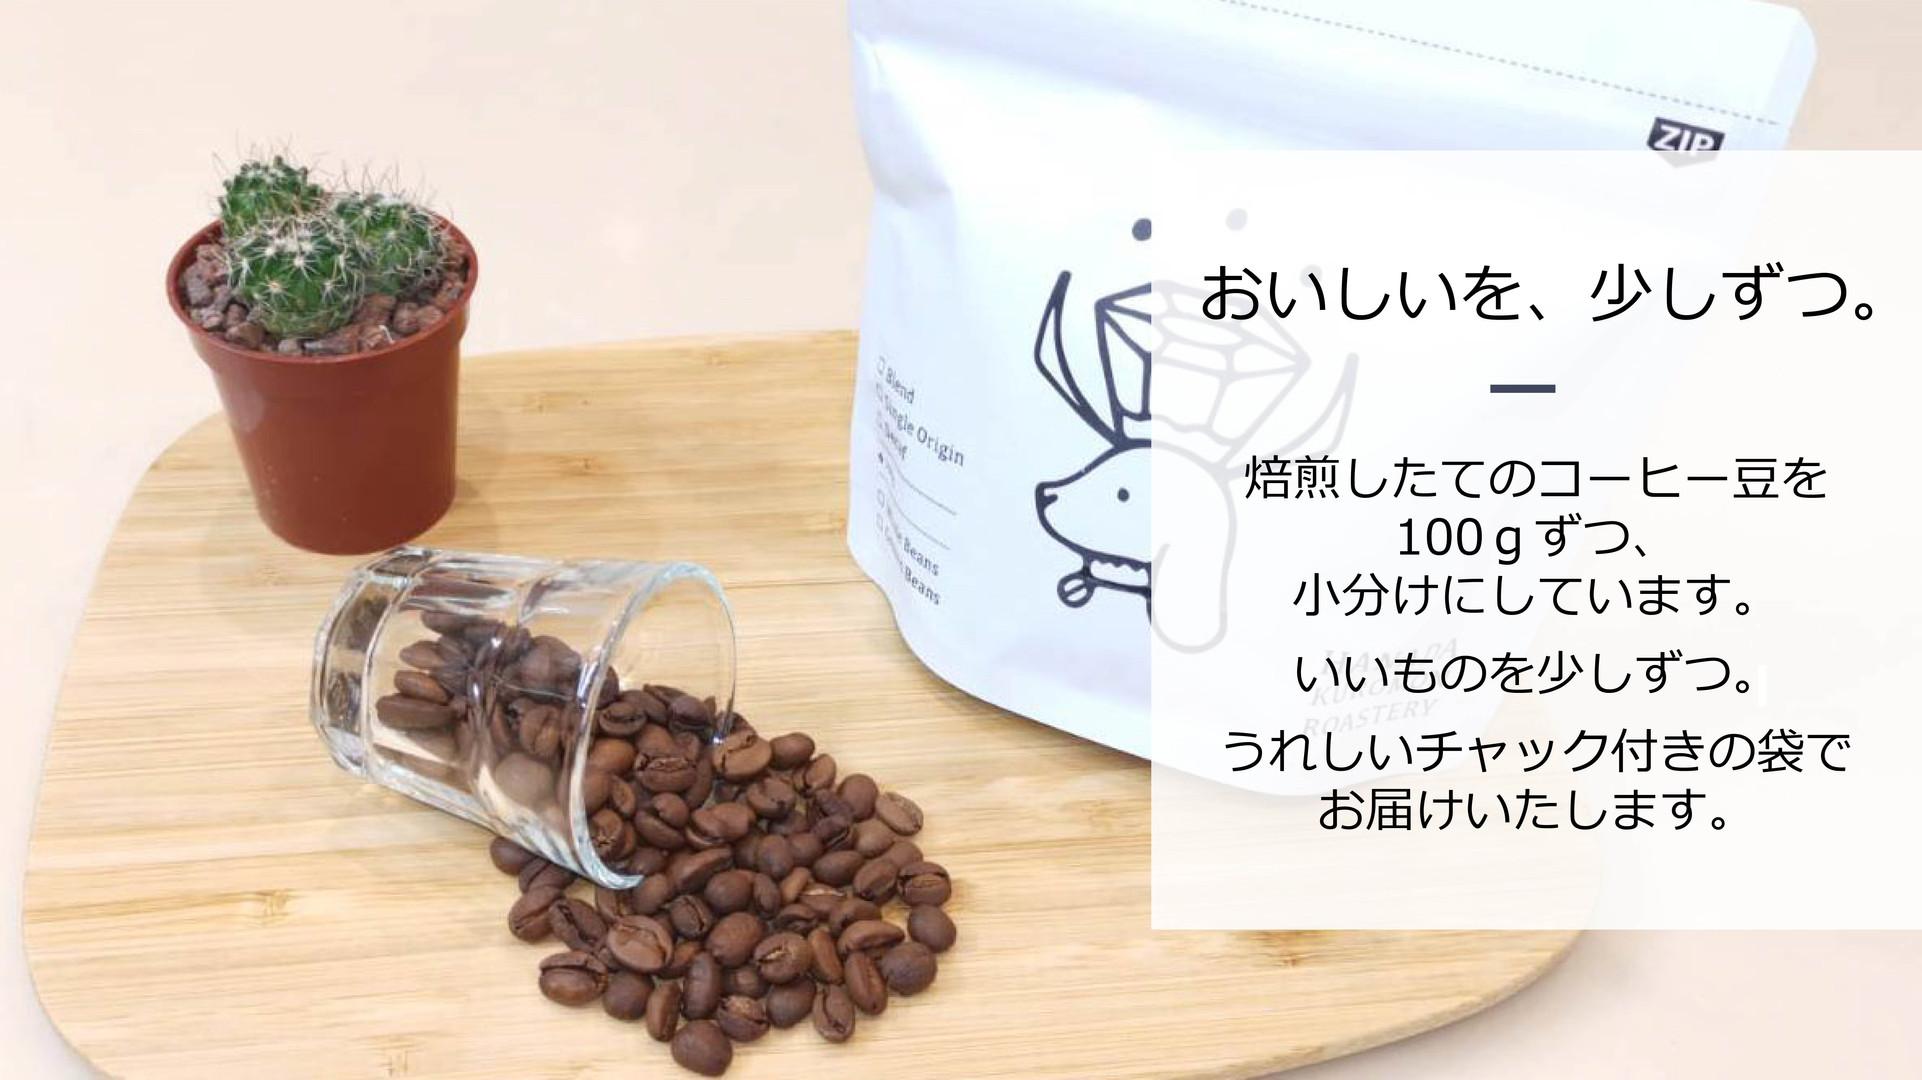 kuromon スライド1,16,9最終.jpg